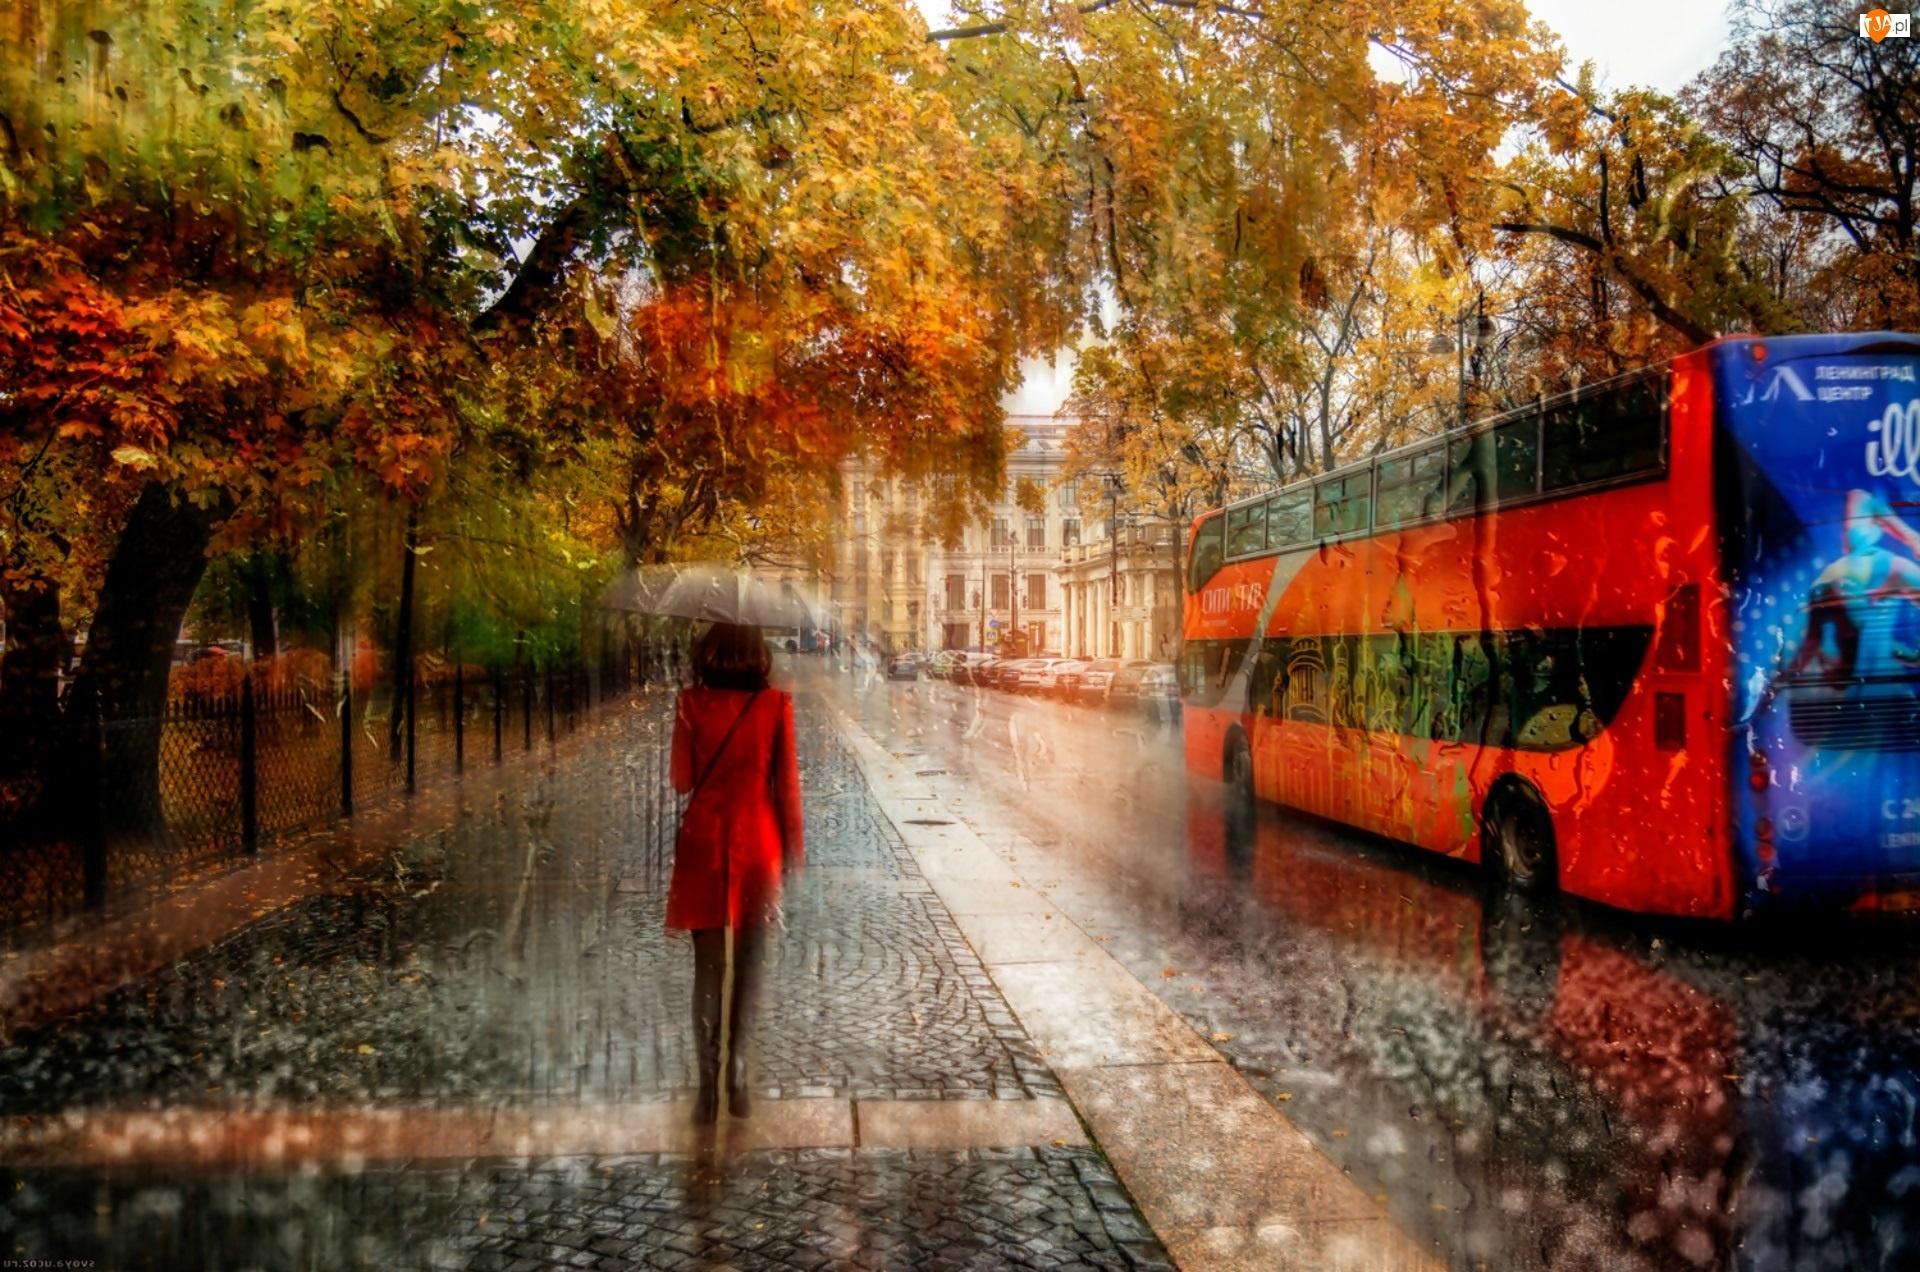 Ulica, Kobieta, Jesień, Parasol, Deszcz, Autobus